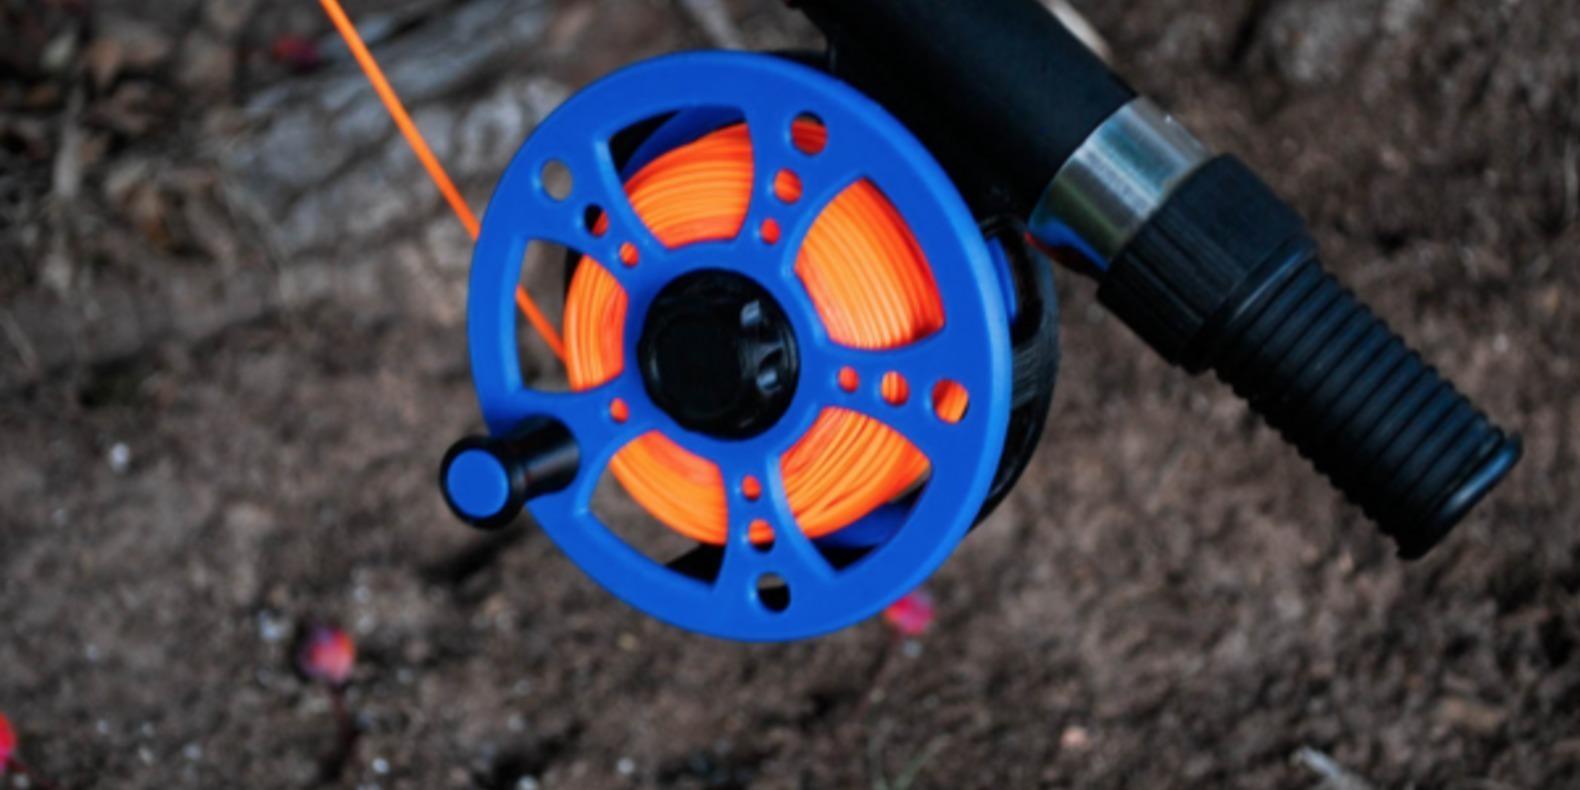 fly-fishing-pêche-à-la-mouche-fouet-leurre-moulinet-fichier-3D-imprimé-en-3D-cults-2.png